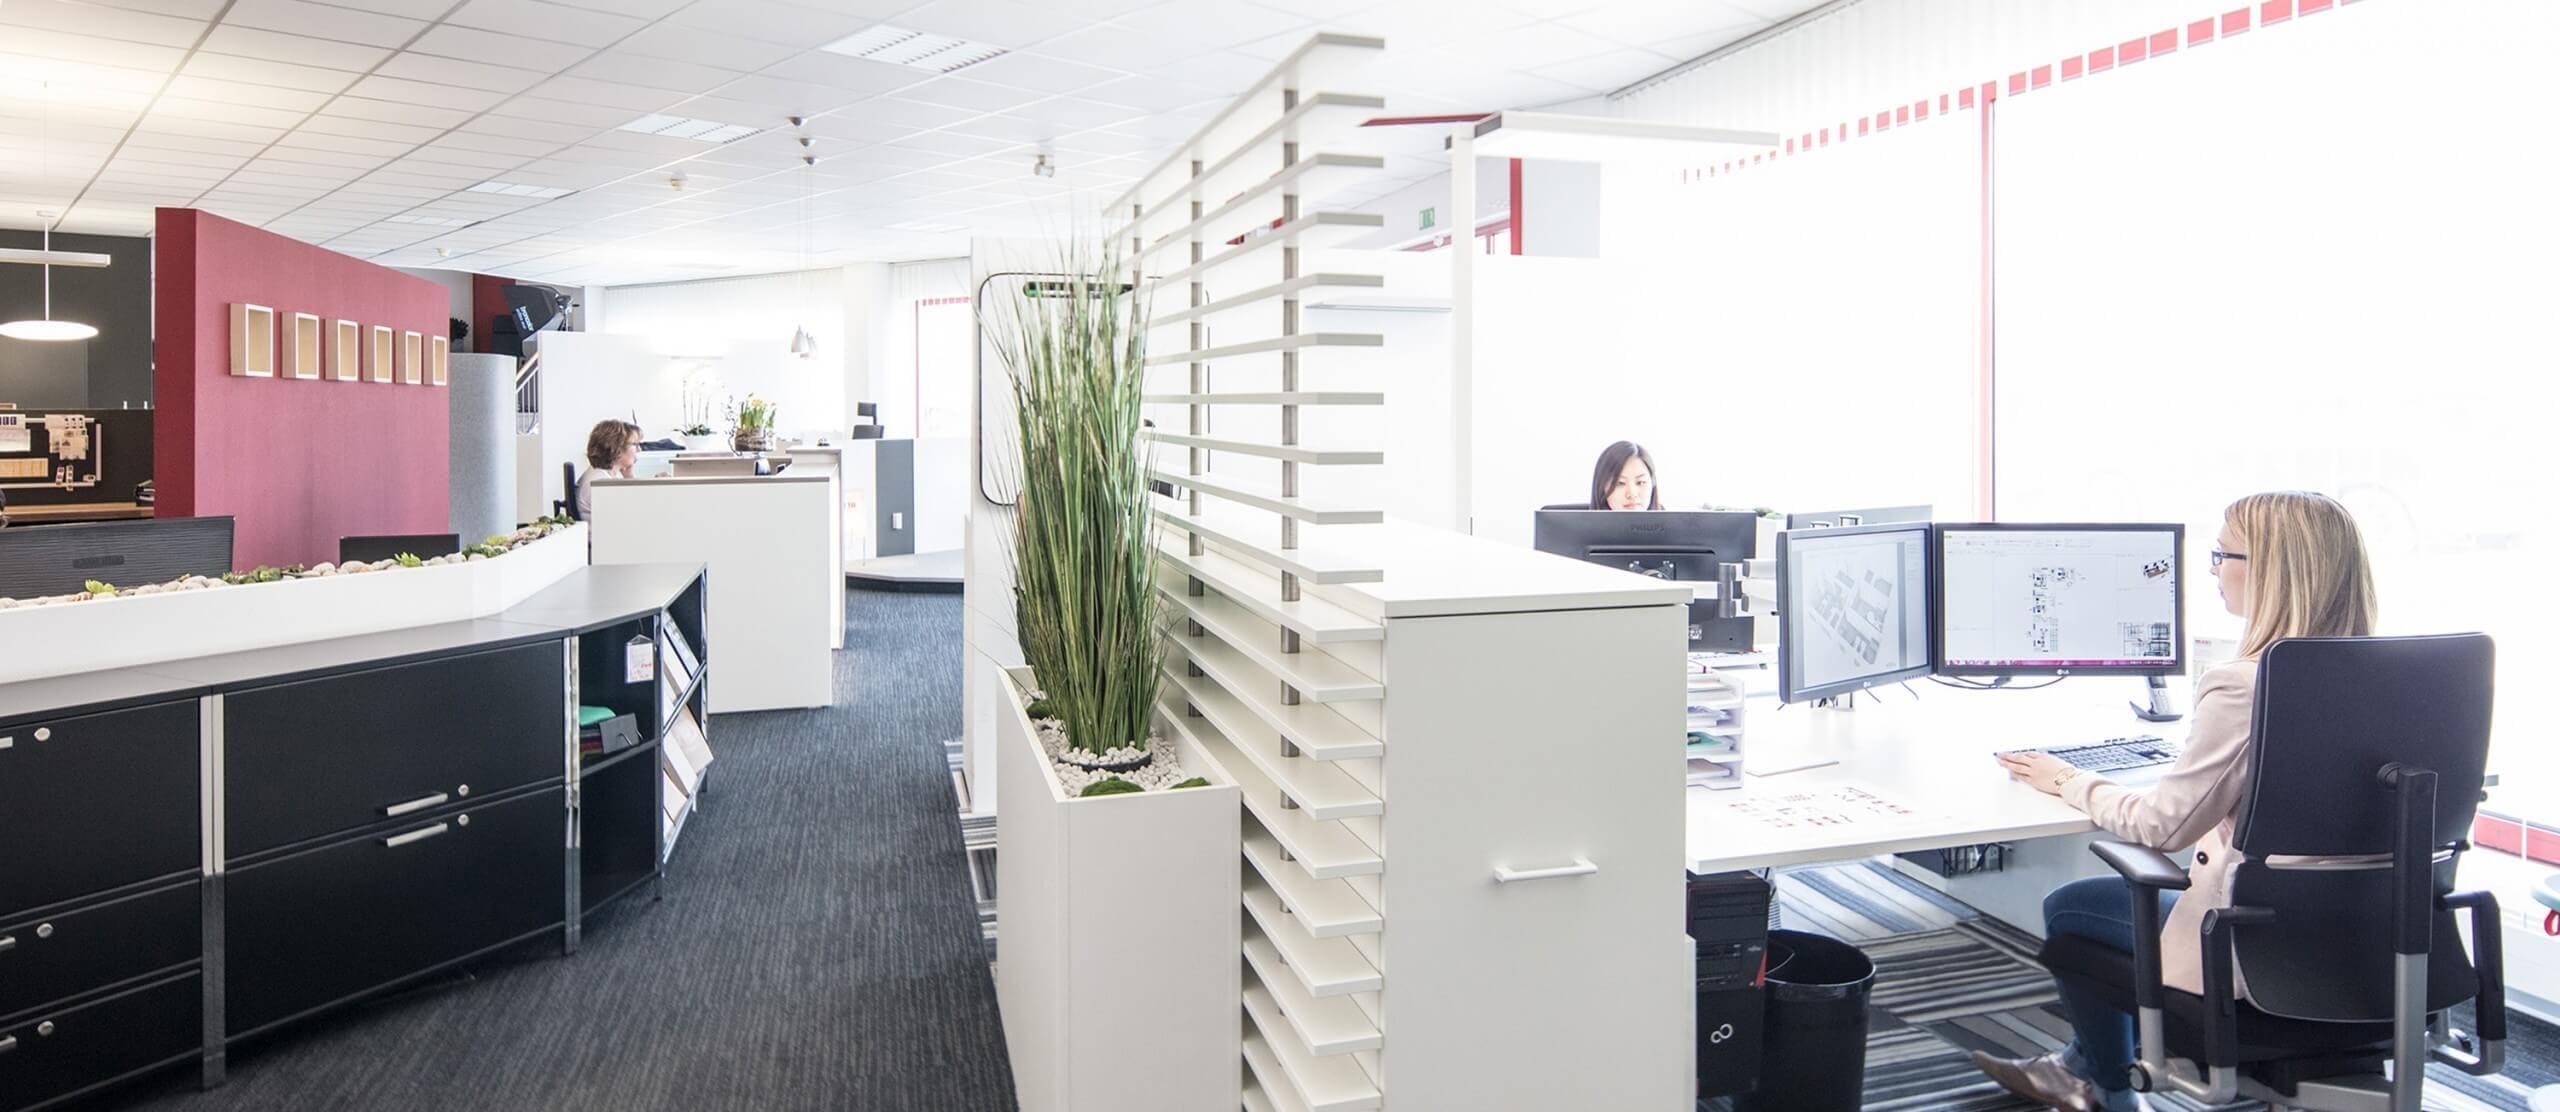 Büroeinrichtungen und Möbel nach Wunsch in ASBO – Ihre Büroeinrichtung in Mannheim